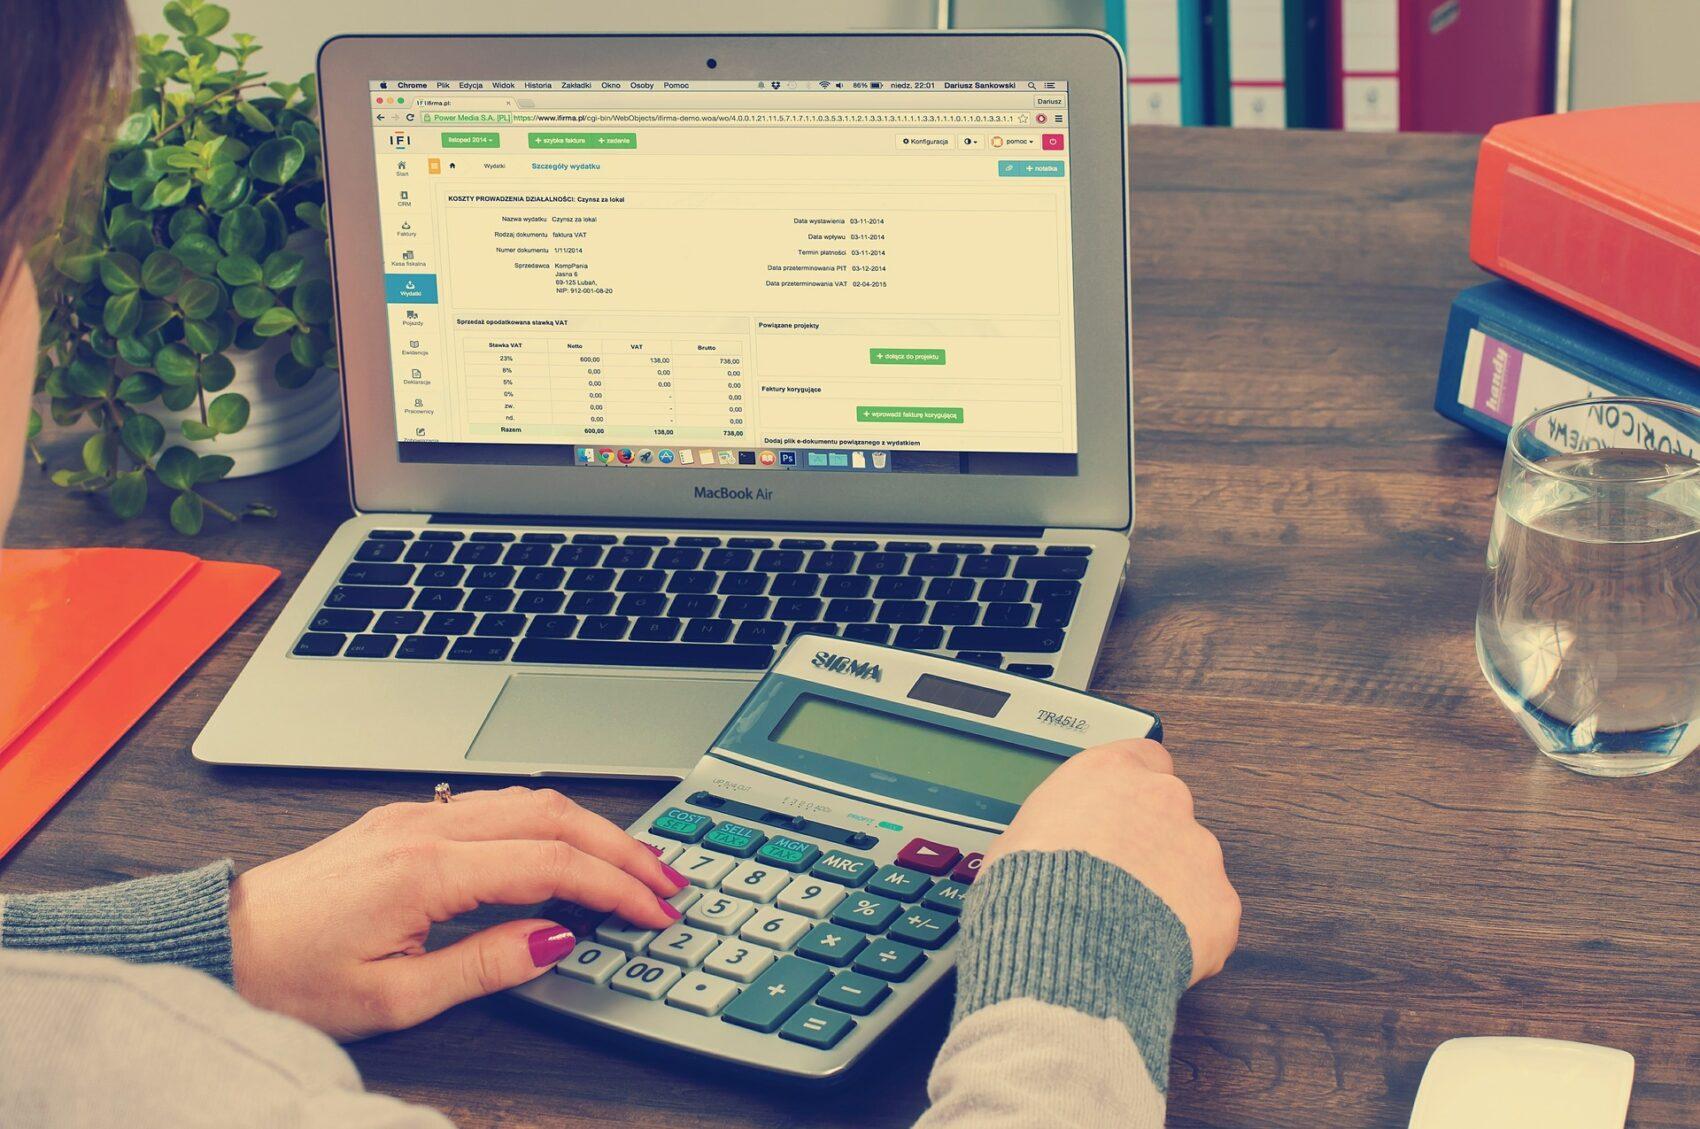 IFPRU 50k (exempter CAD) investissement entreprise pour vendre dans la Grande-Bretagne